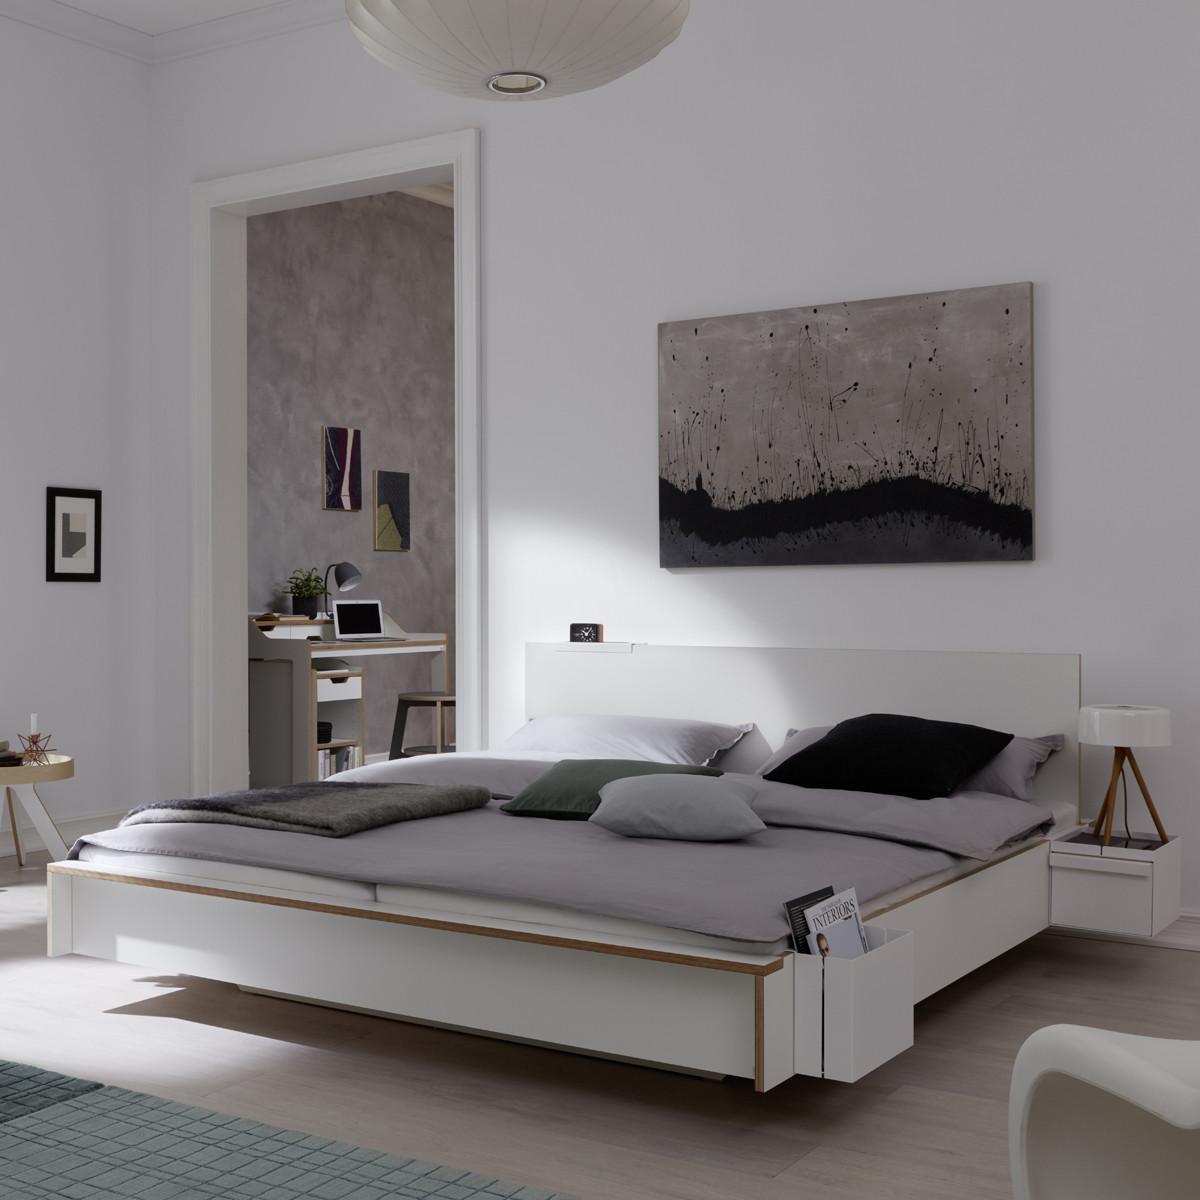 m ller m belwerkst tten flai bett wei casa de. Black Bedroom Furniture Sets. Home Design Ideas